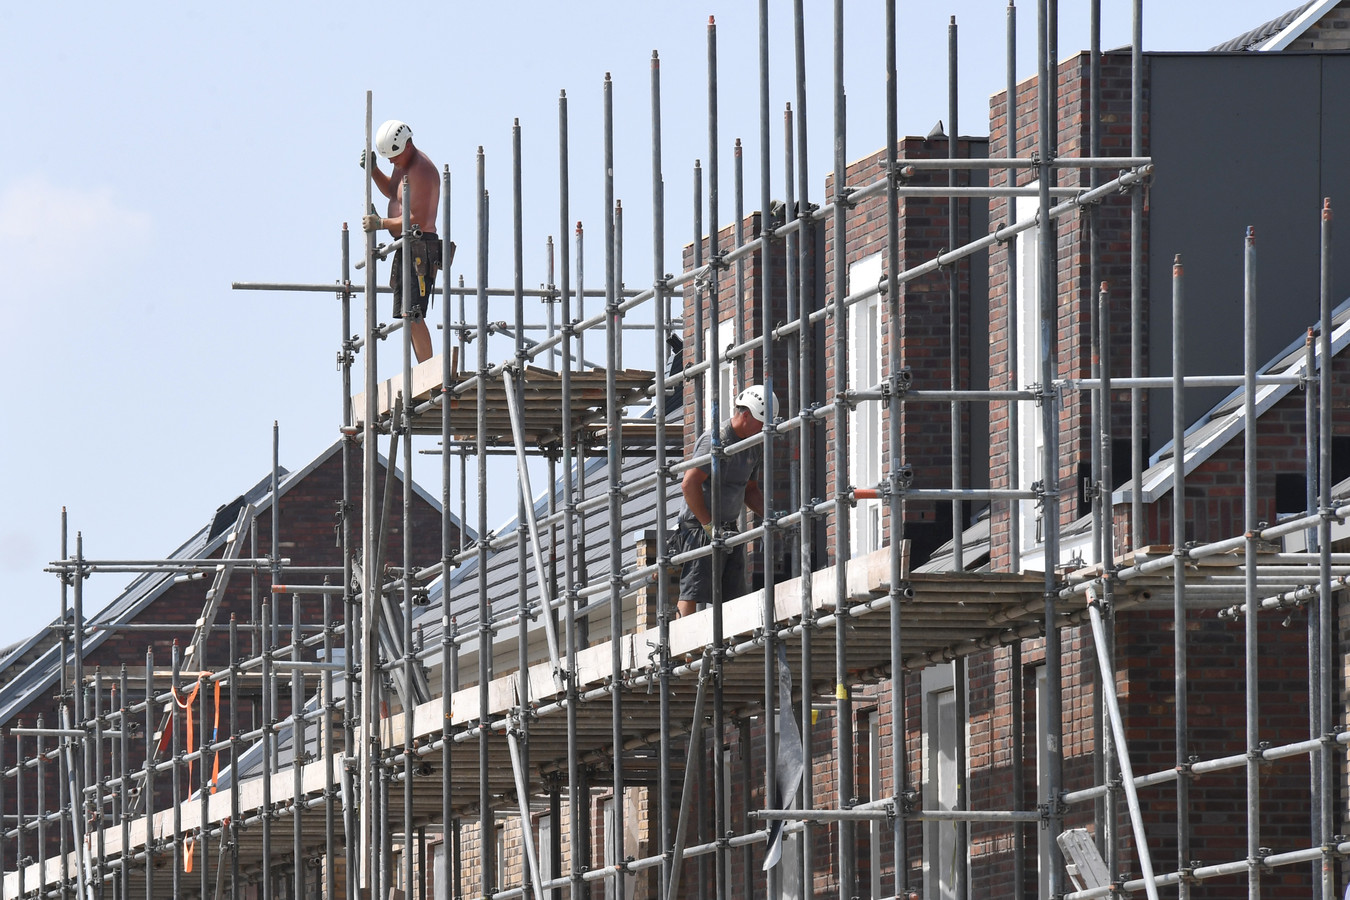 Nieuwbouw in de Cuijkse groeiwijk Heeswijkse Kampen.